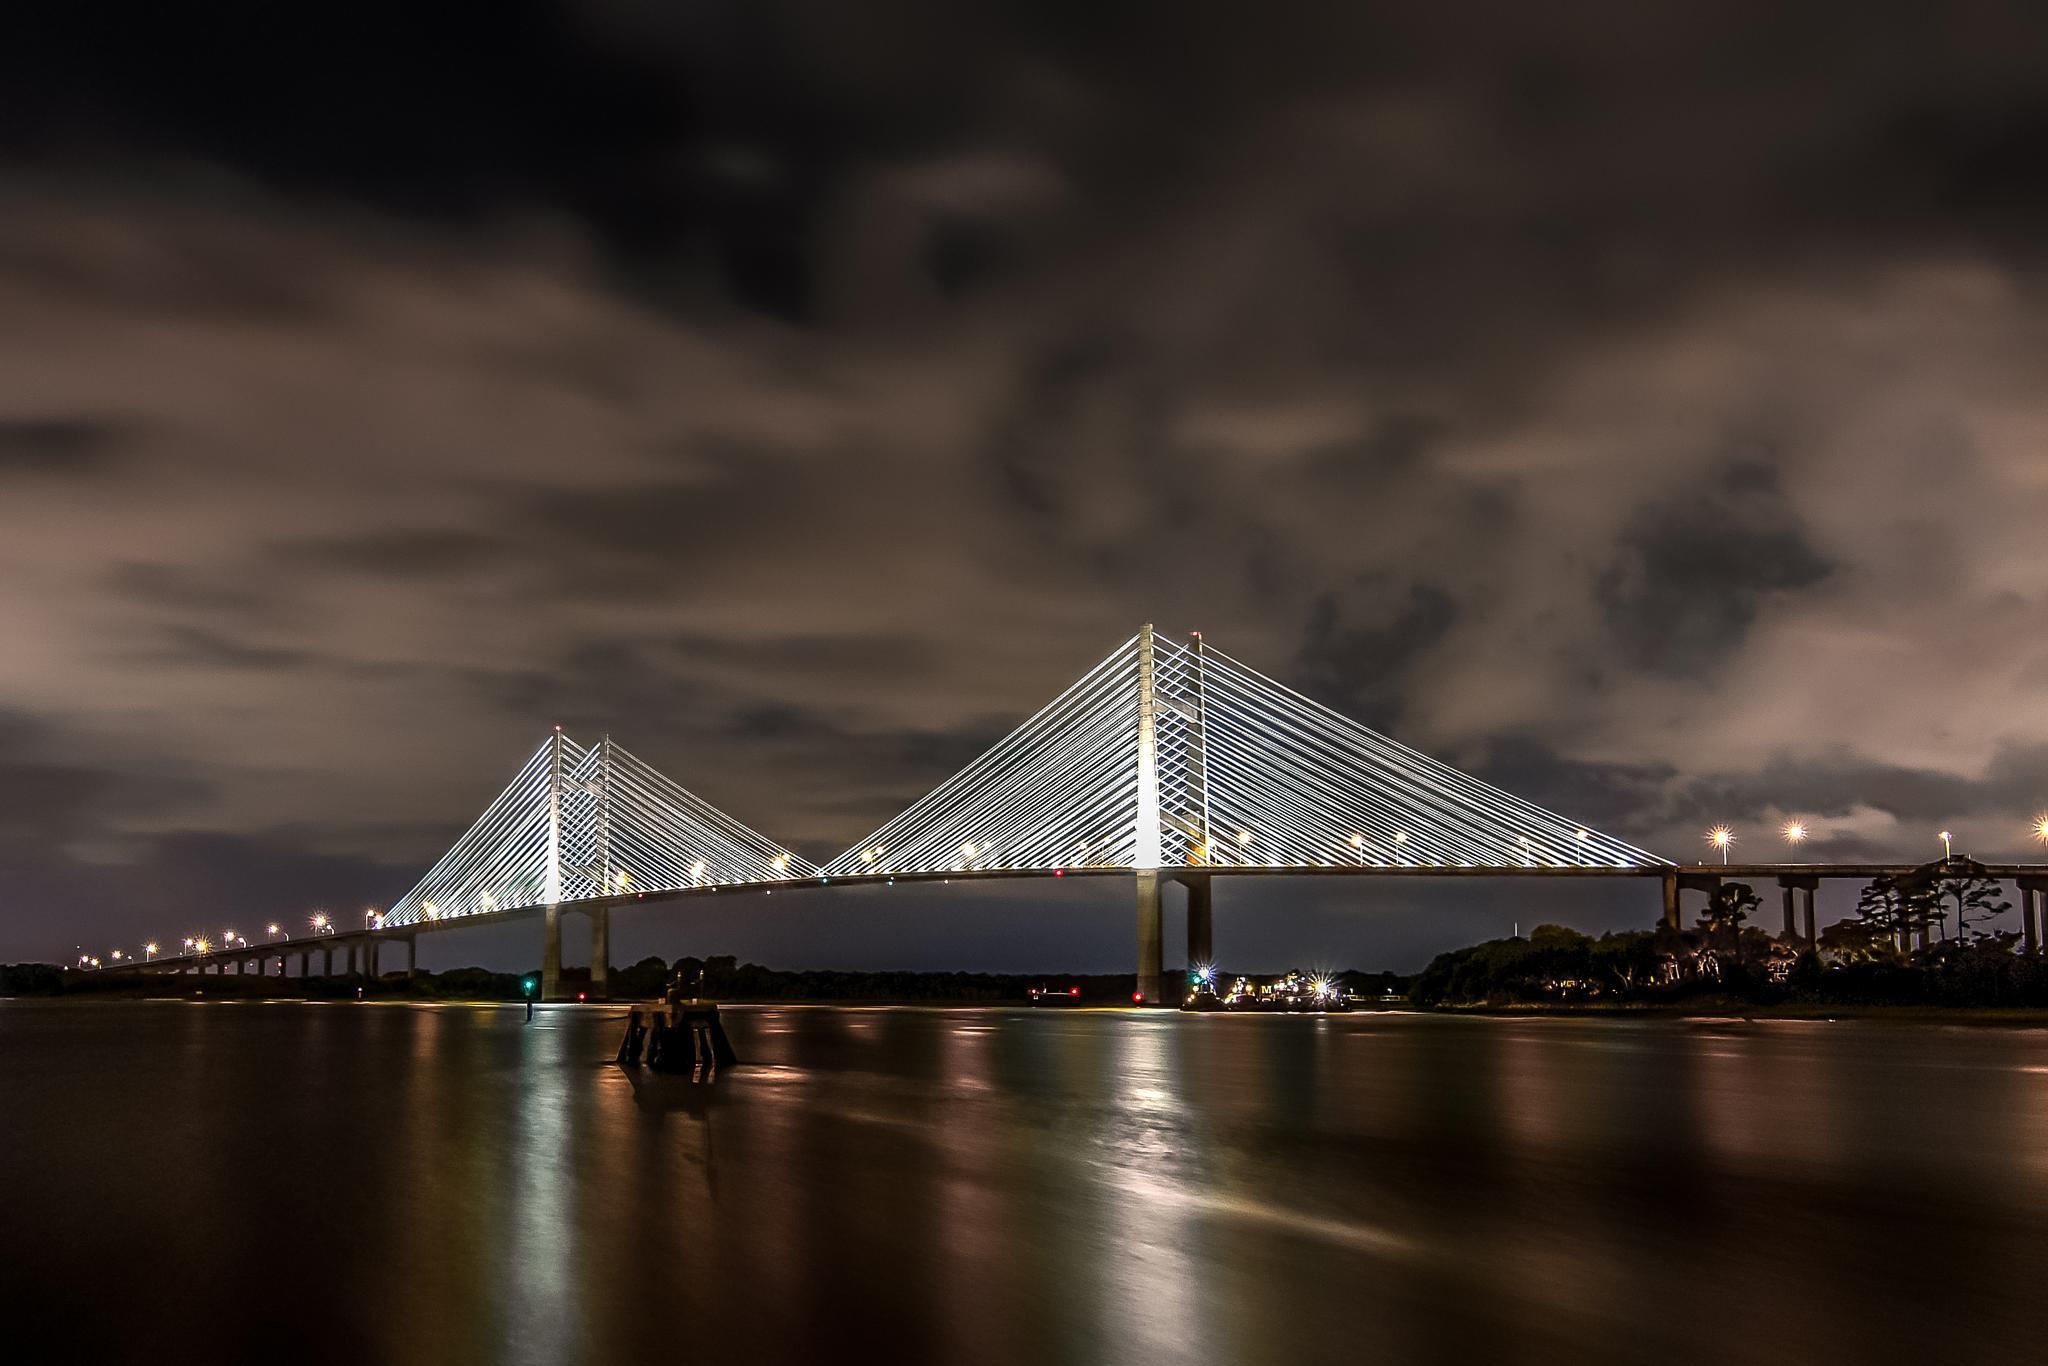 Dames Point Bridge by Royal Hurlbert